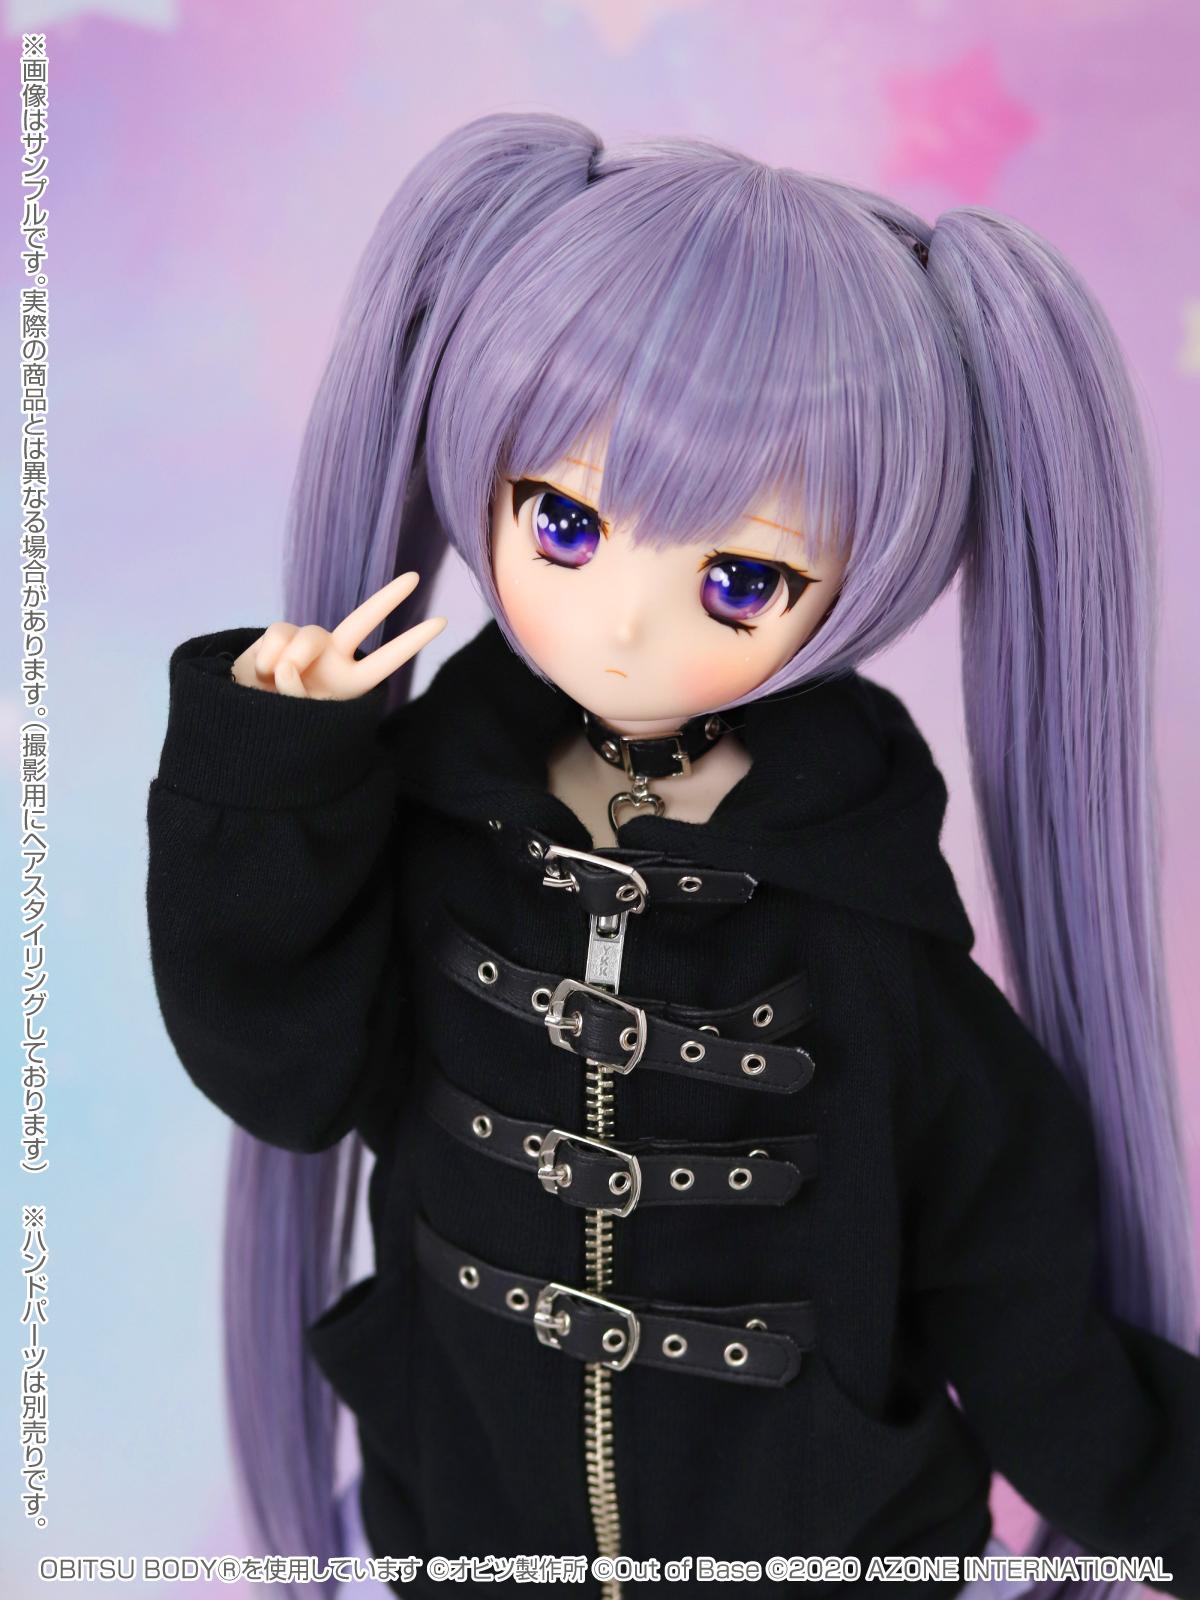 【限定販売】Iris Collect petit『すずね/Noraneko drops ver.1.1(アゾンダイレクトストア販売ver.)』1/3 完成品ドール-010